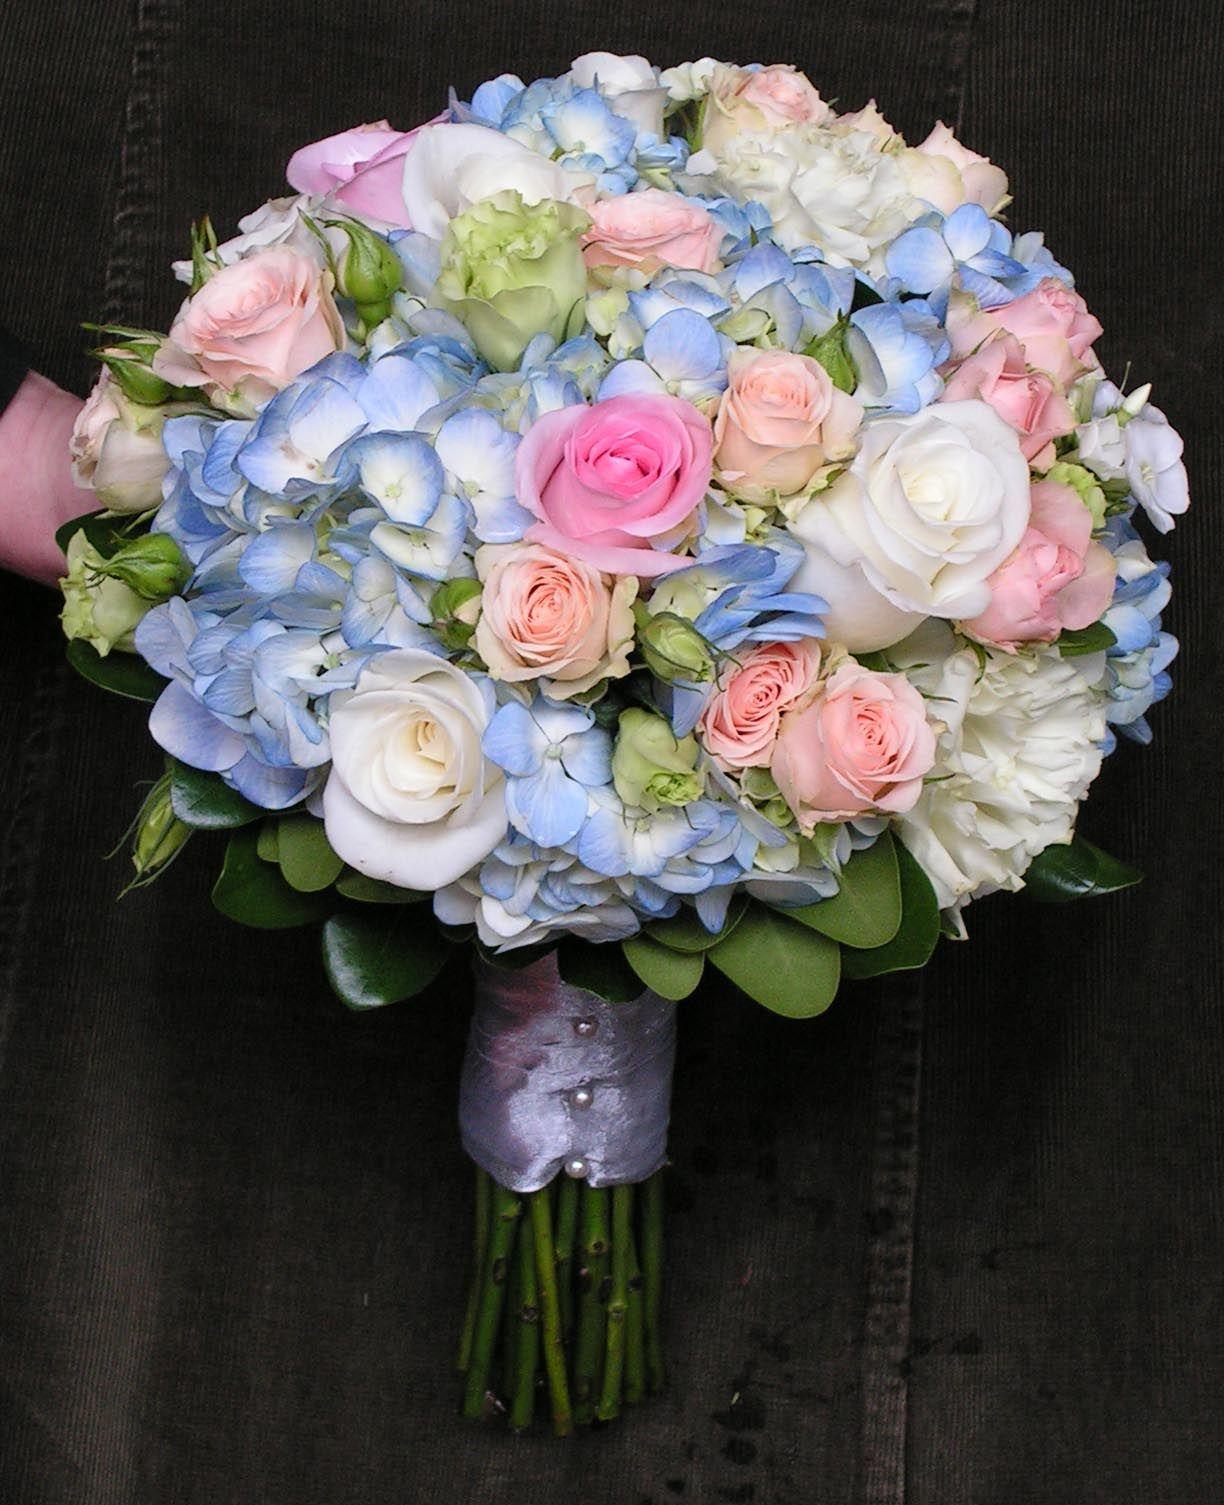 Wedding flowers blue hydrangea 39 pale blue hydrangea bouquet is wedding flowers blue hydrangea 39 pale blue hydrangea bouquet is softened with pale pink mightylinksfo